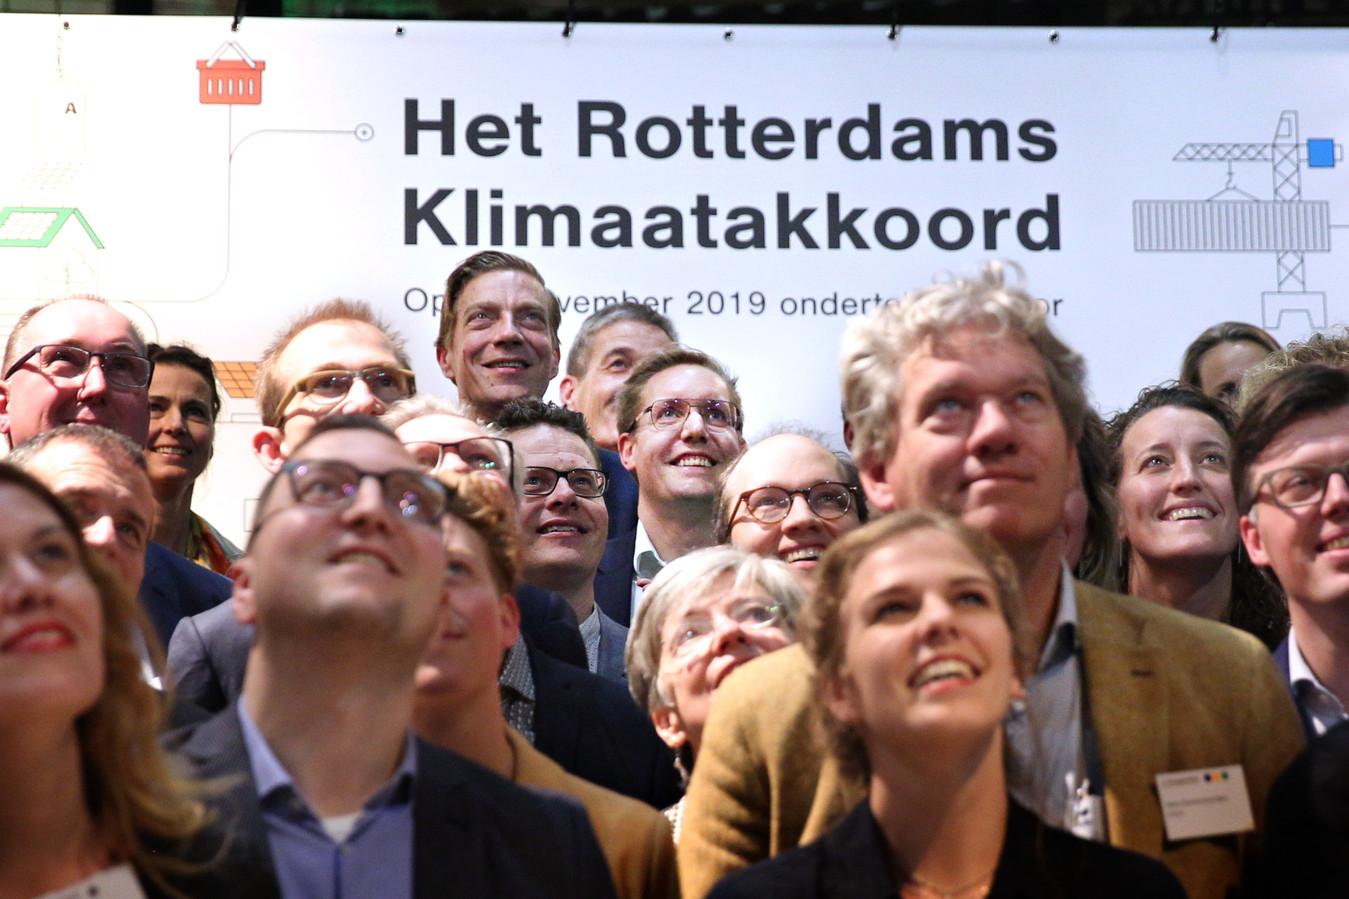 Arno Bonte (midden) bij een groepsfoto in 2019 ter gelegenheid van het Rotterdams Klimaatakkoord.